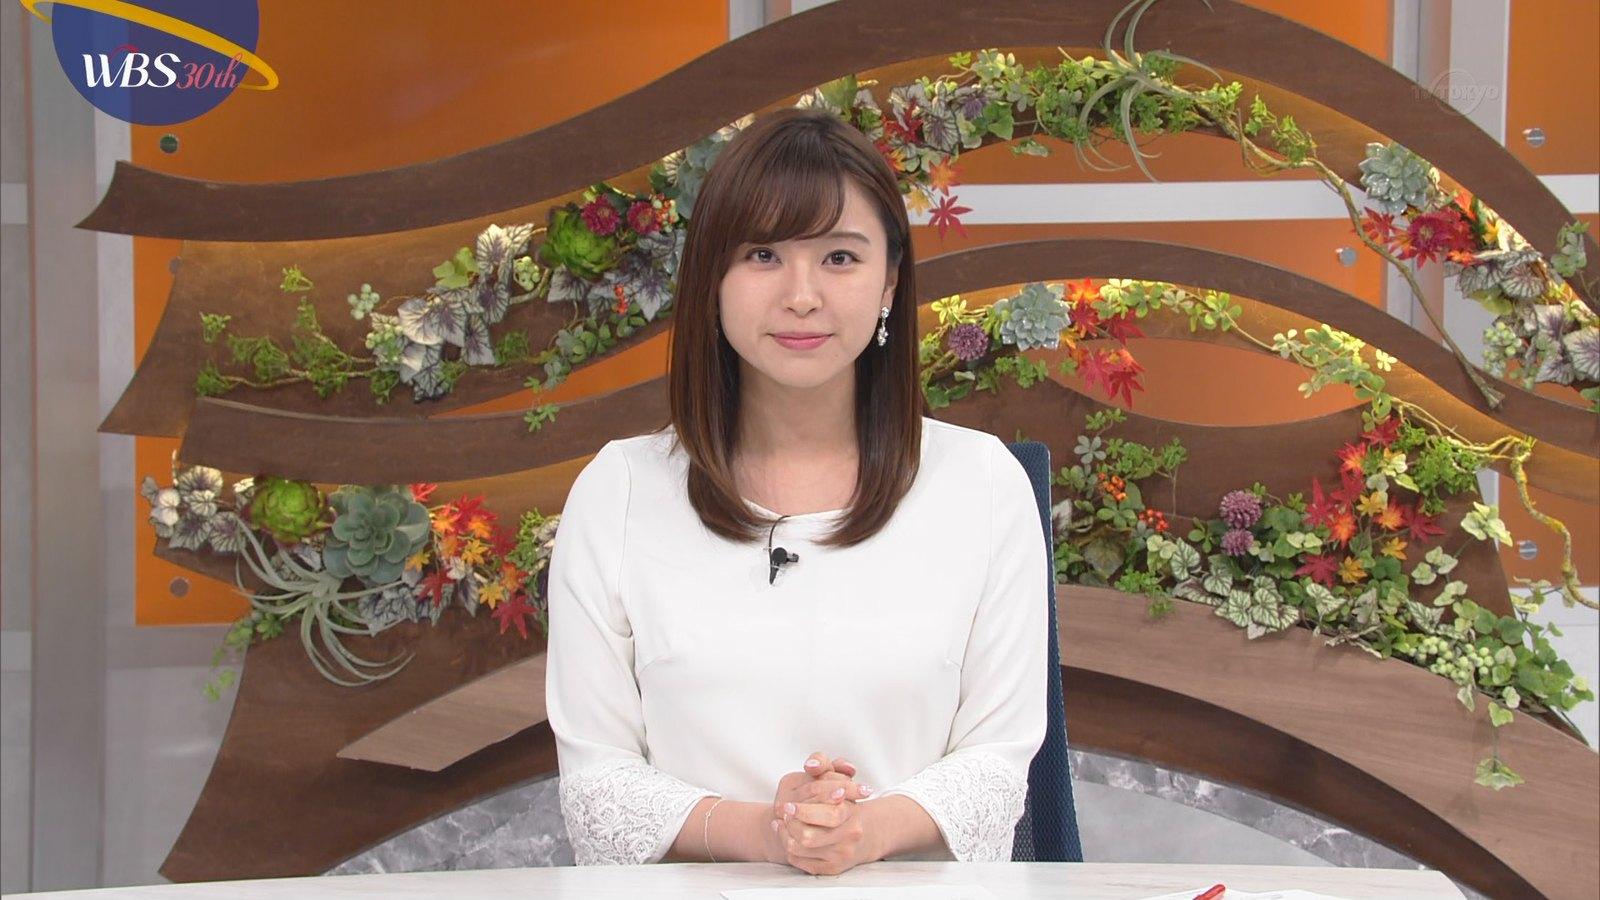 2018年12月6日テレ東『ワールドビジネスサテライト』角谷暁子さんのテレビキャプチャー画像-013